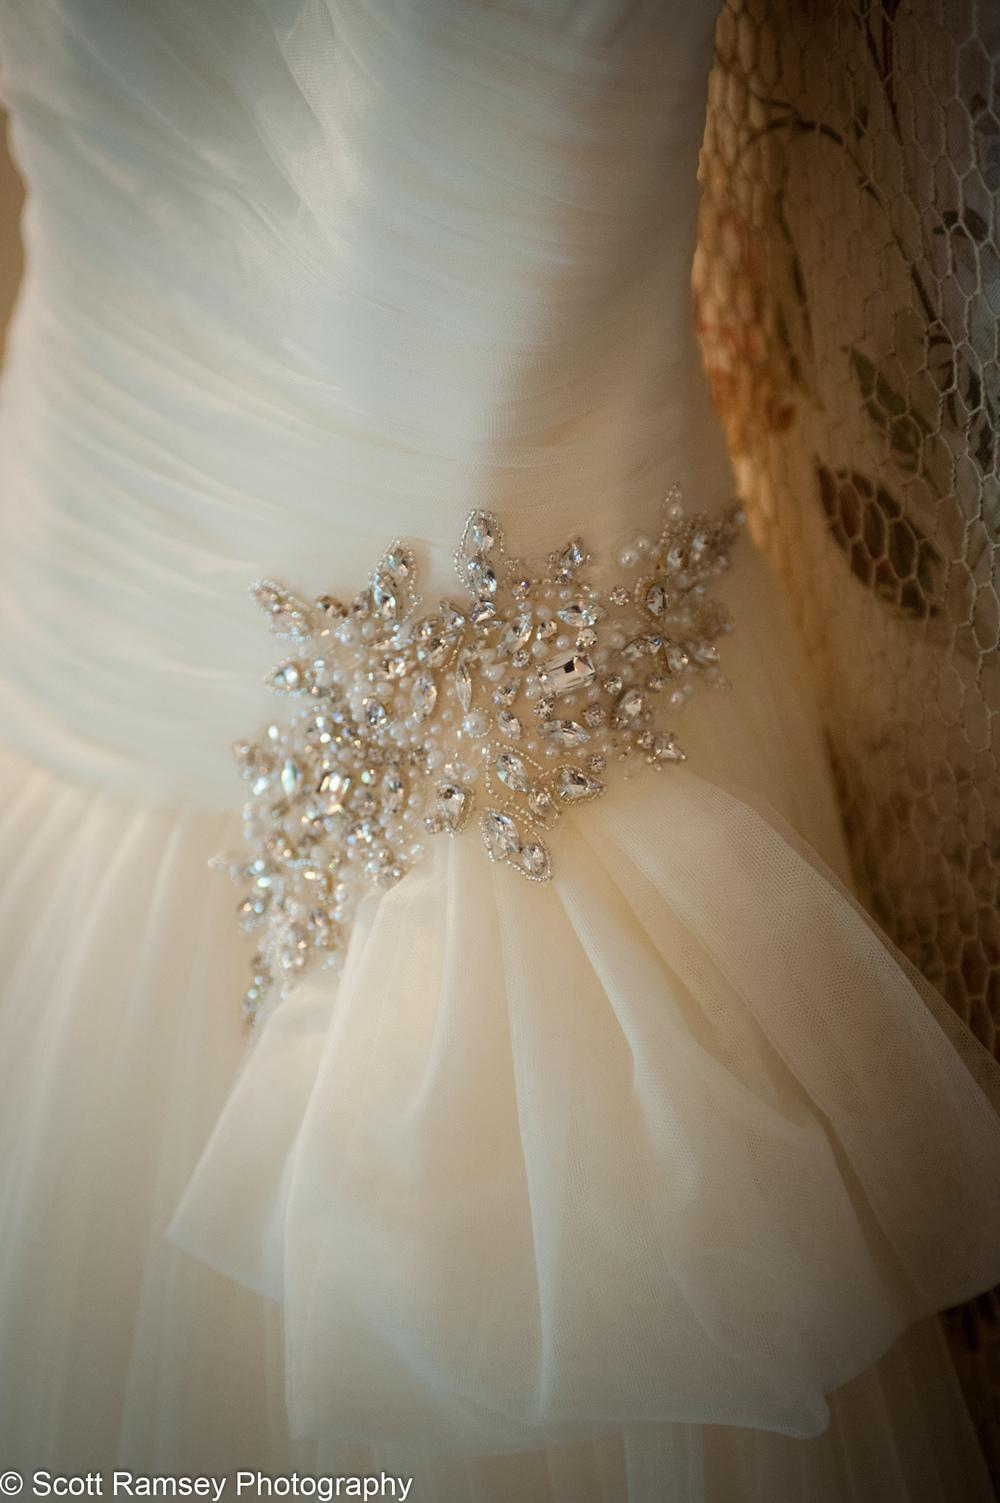 Wedding Dress Upwaltham Barns 15121201